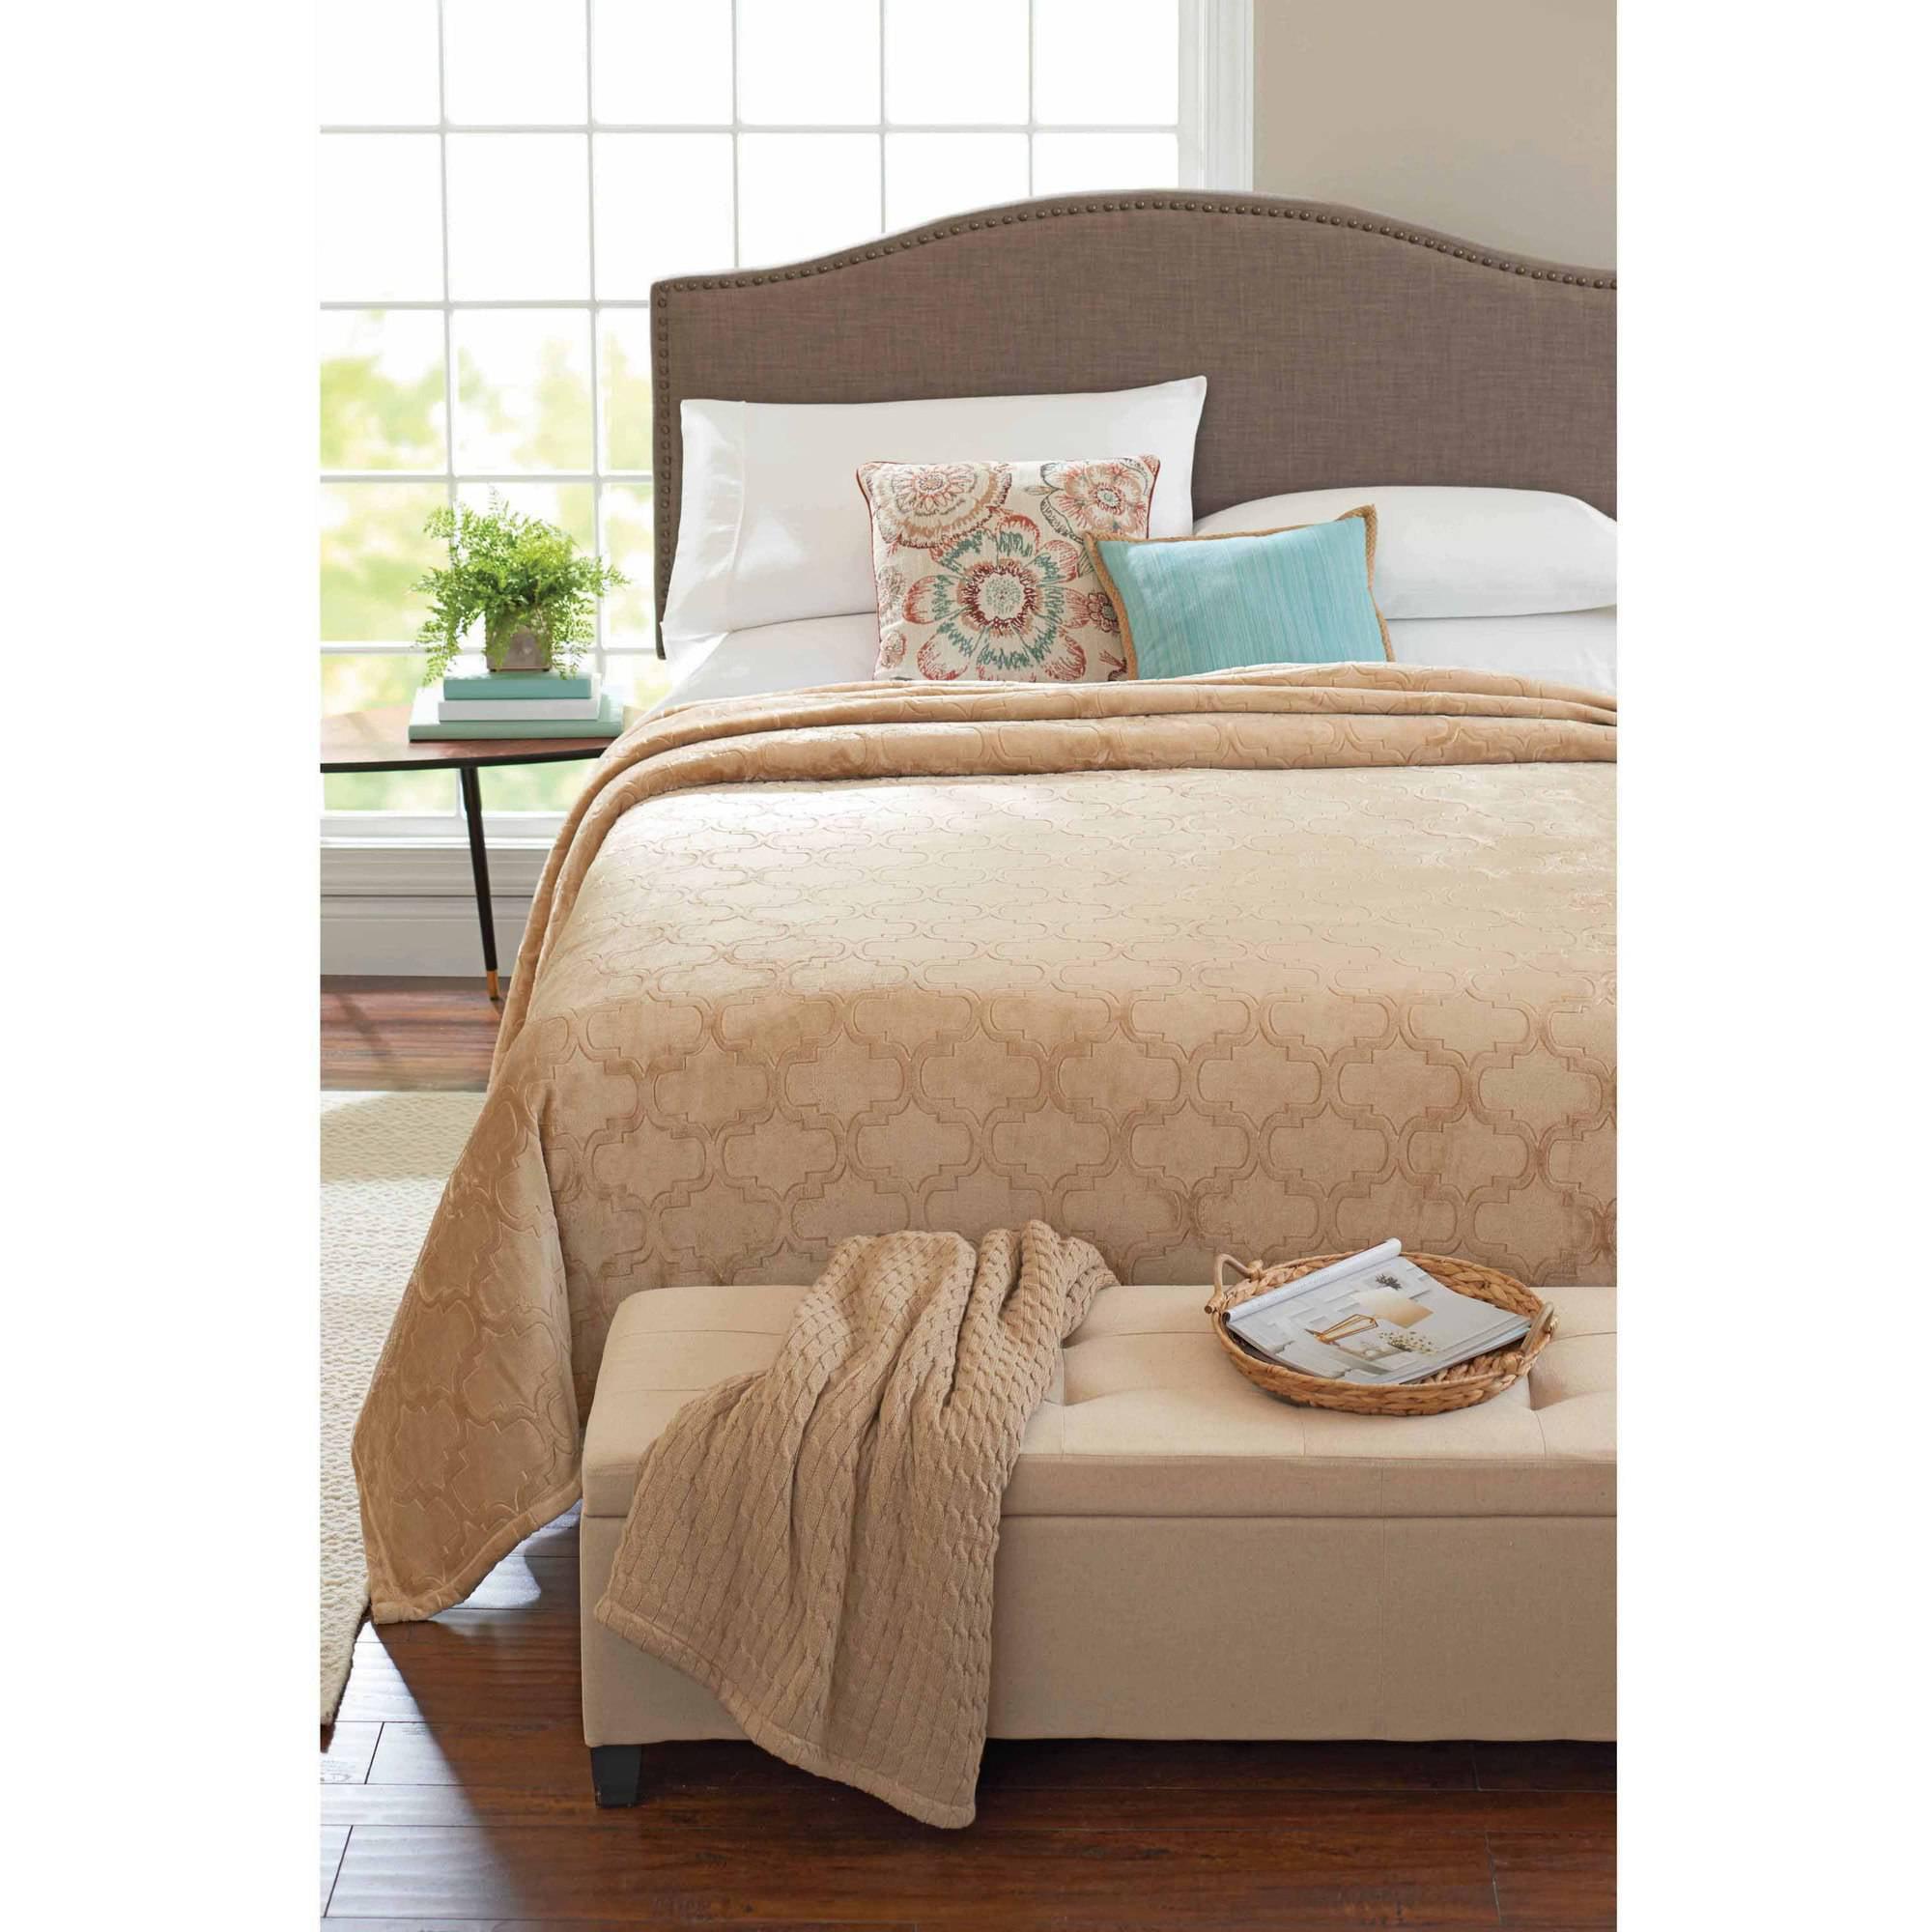 Velvet Plush Blanket - Walmart.com